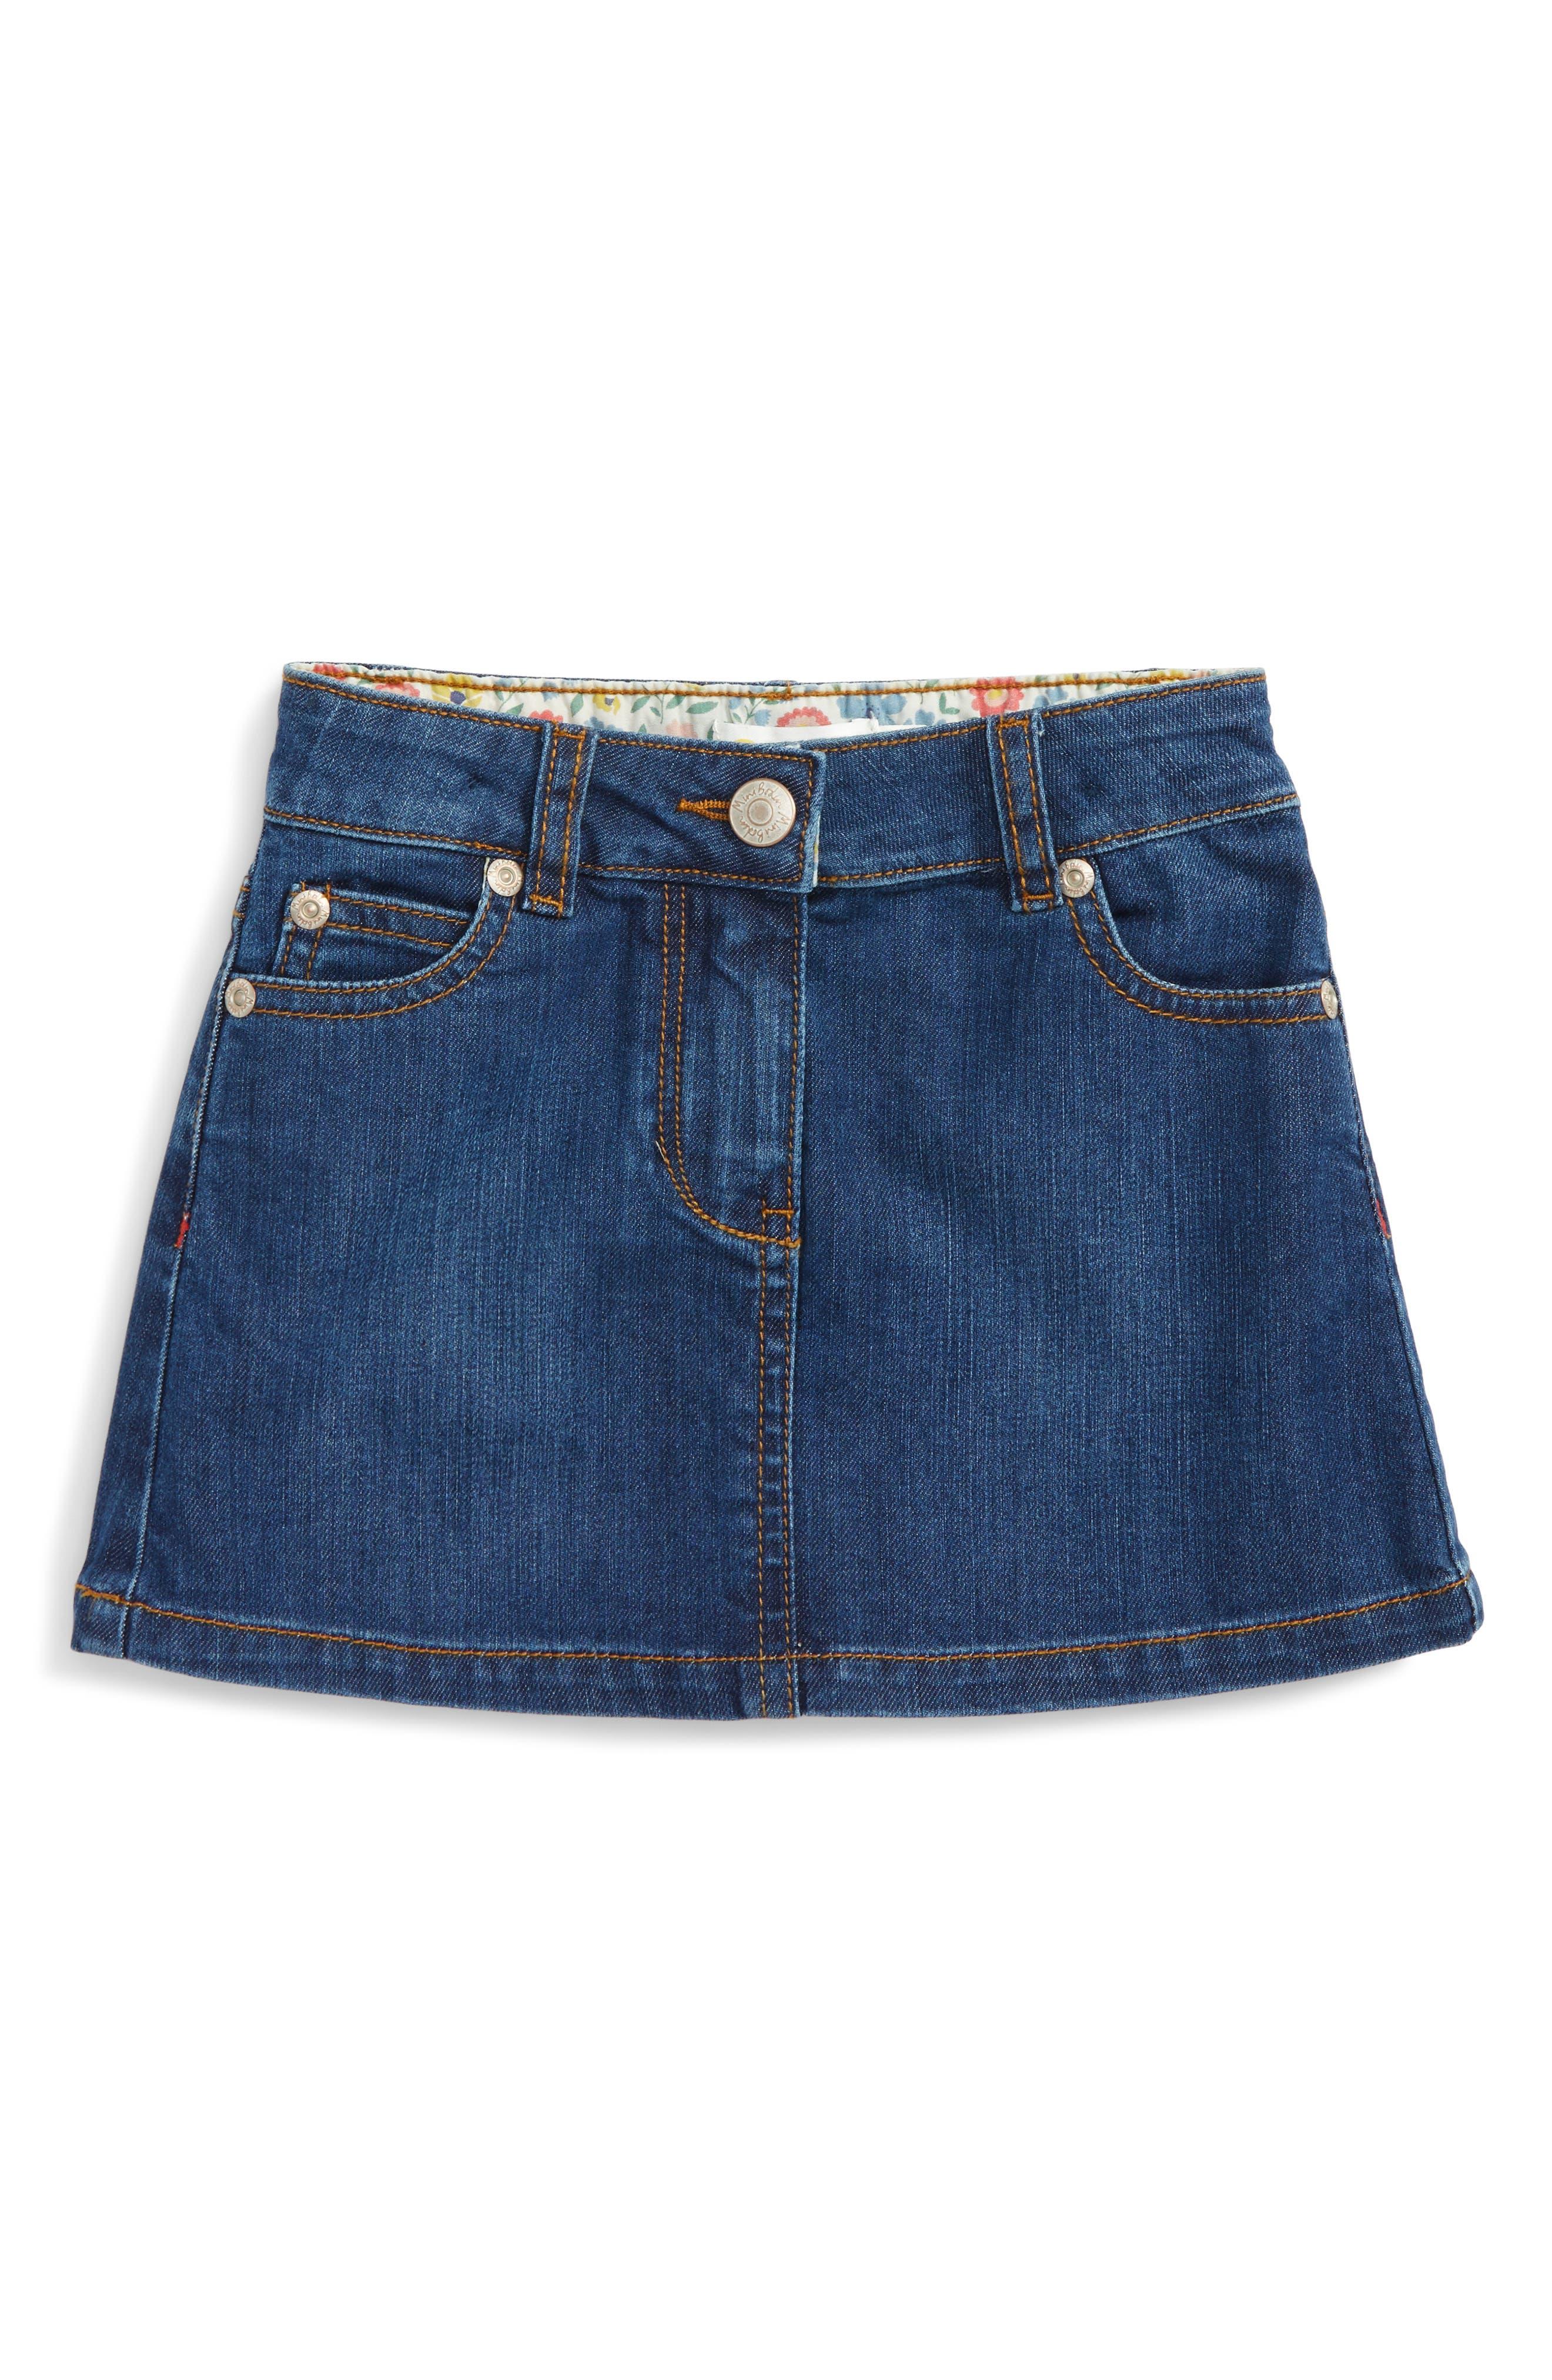 Mini Boden Heart Pocket Denim Skirt (Toddler Girls, Little Girls & Big Girls)